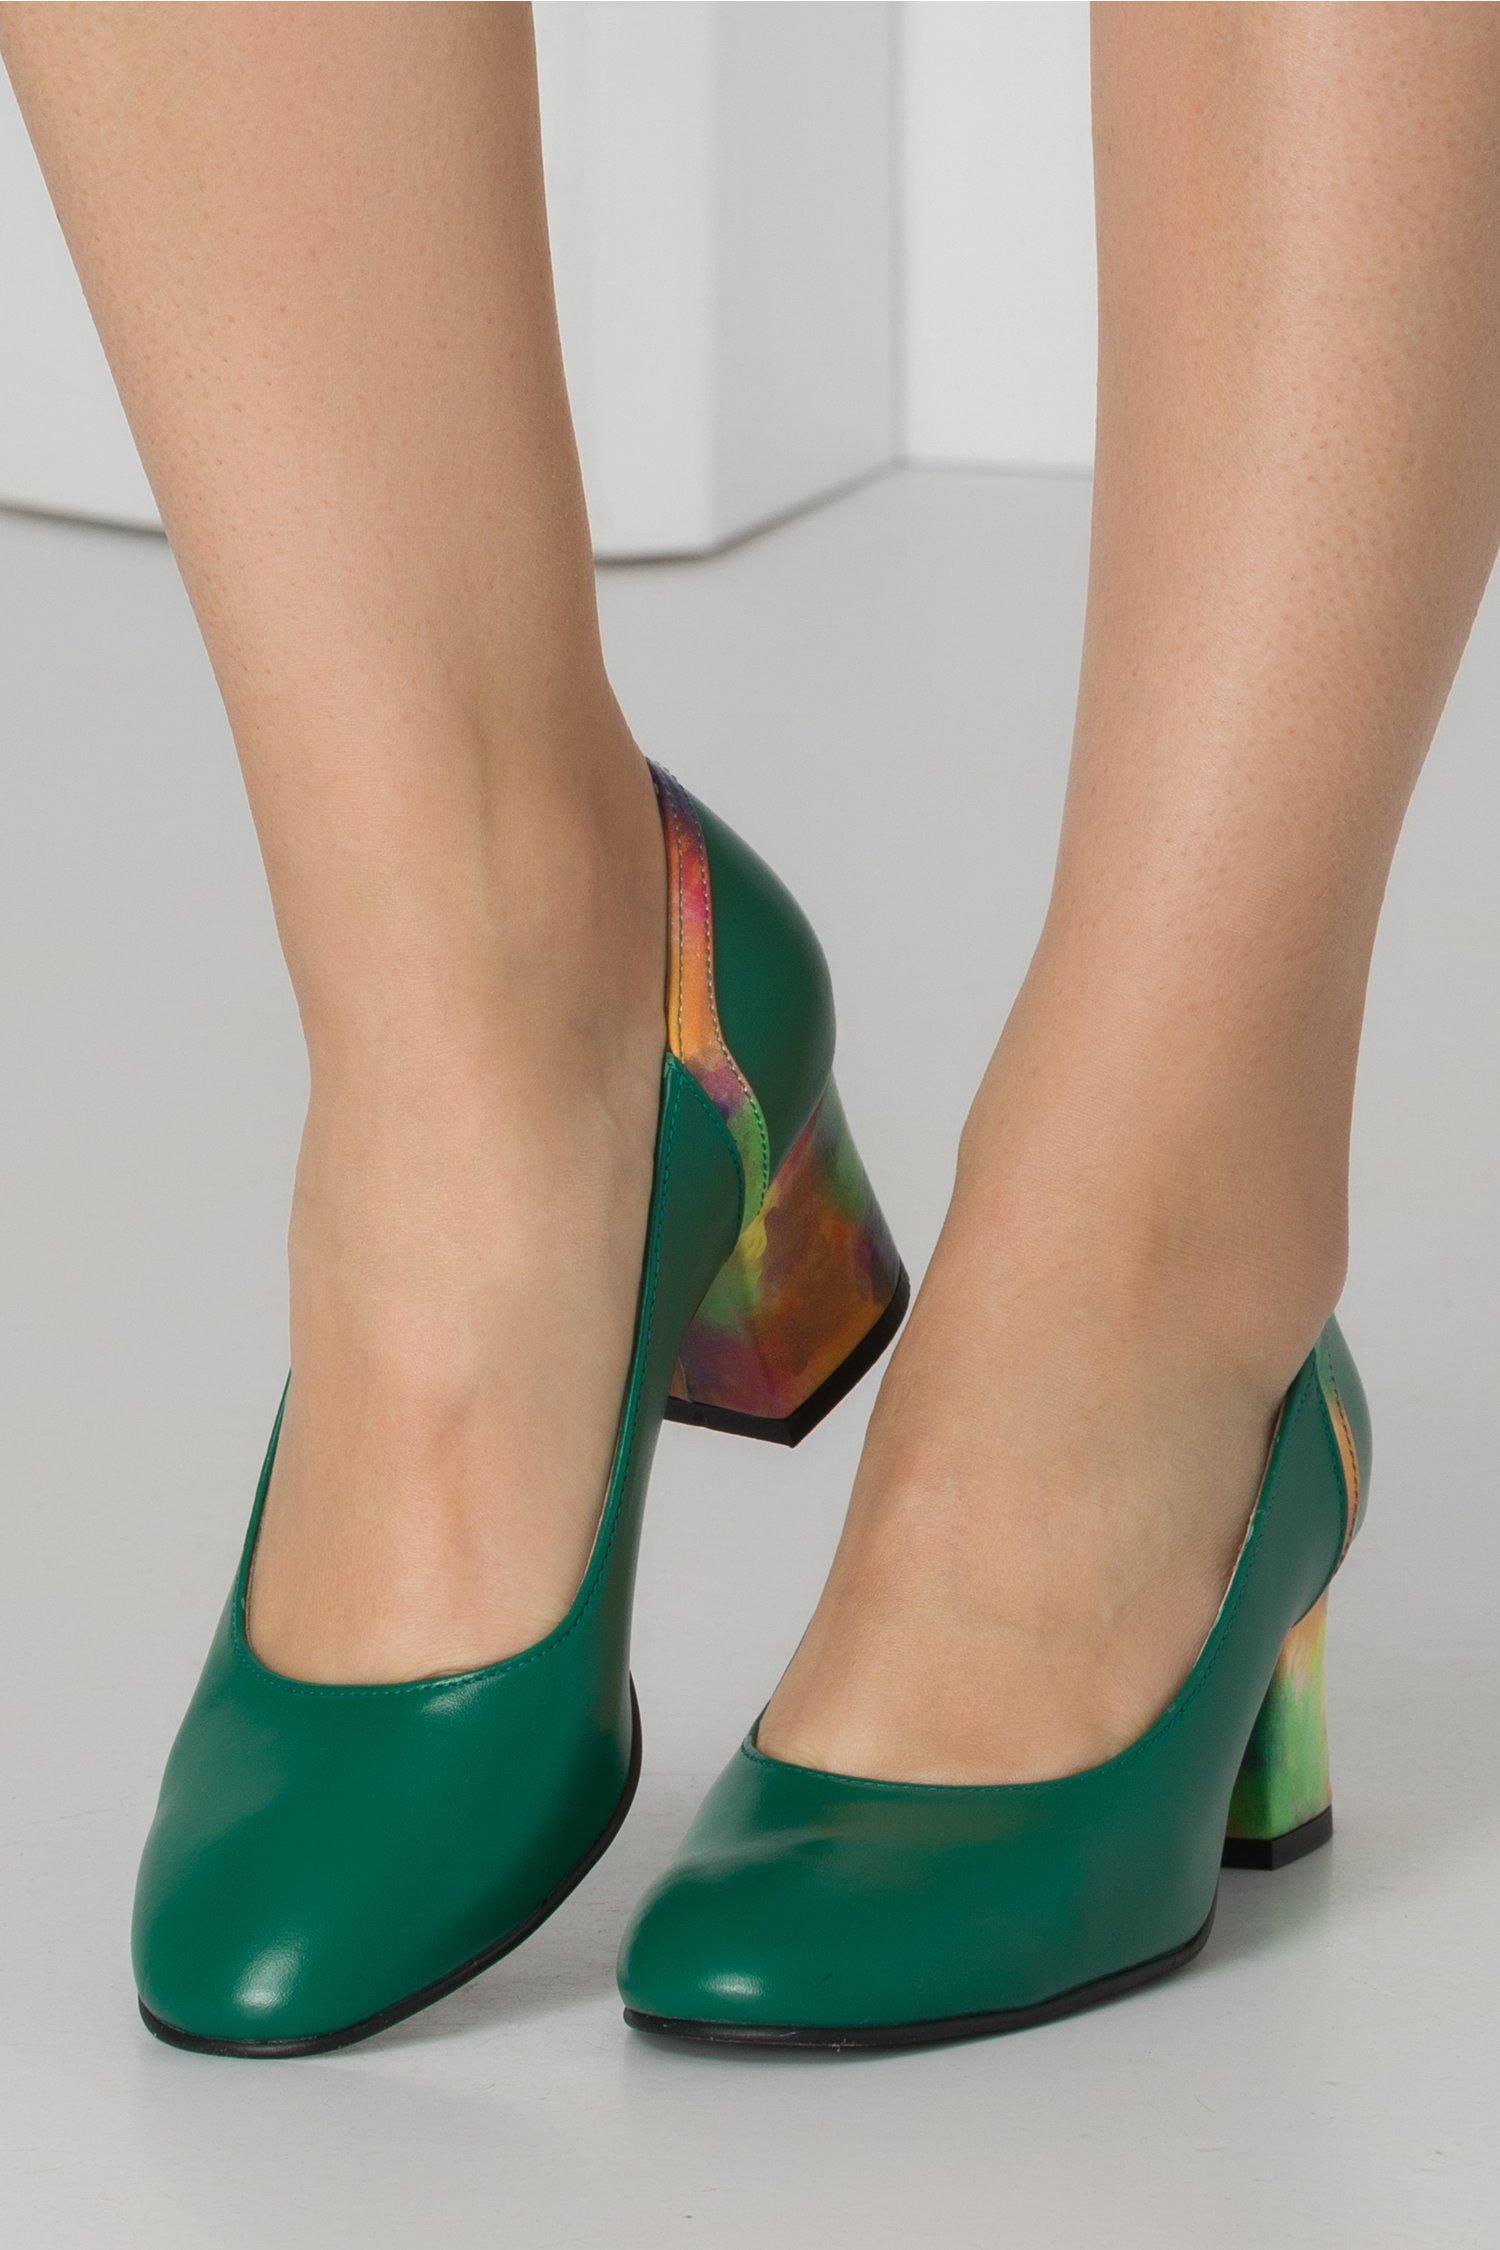 Pantofi verzi cu insertii watercolor multicolore